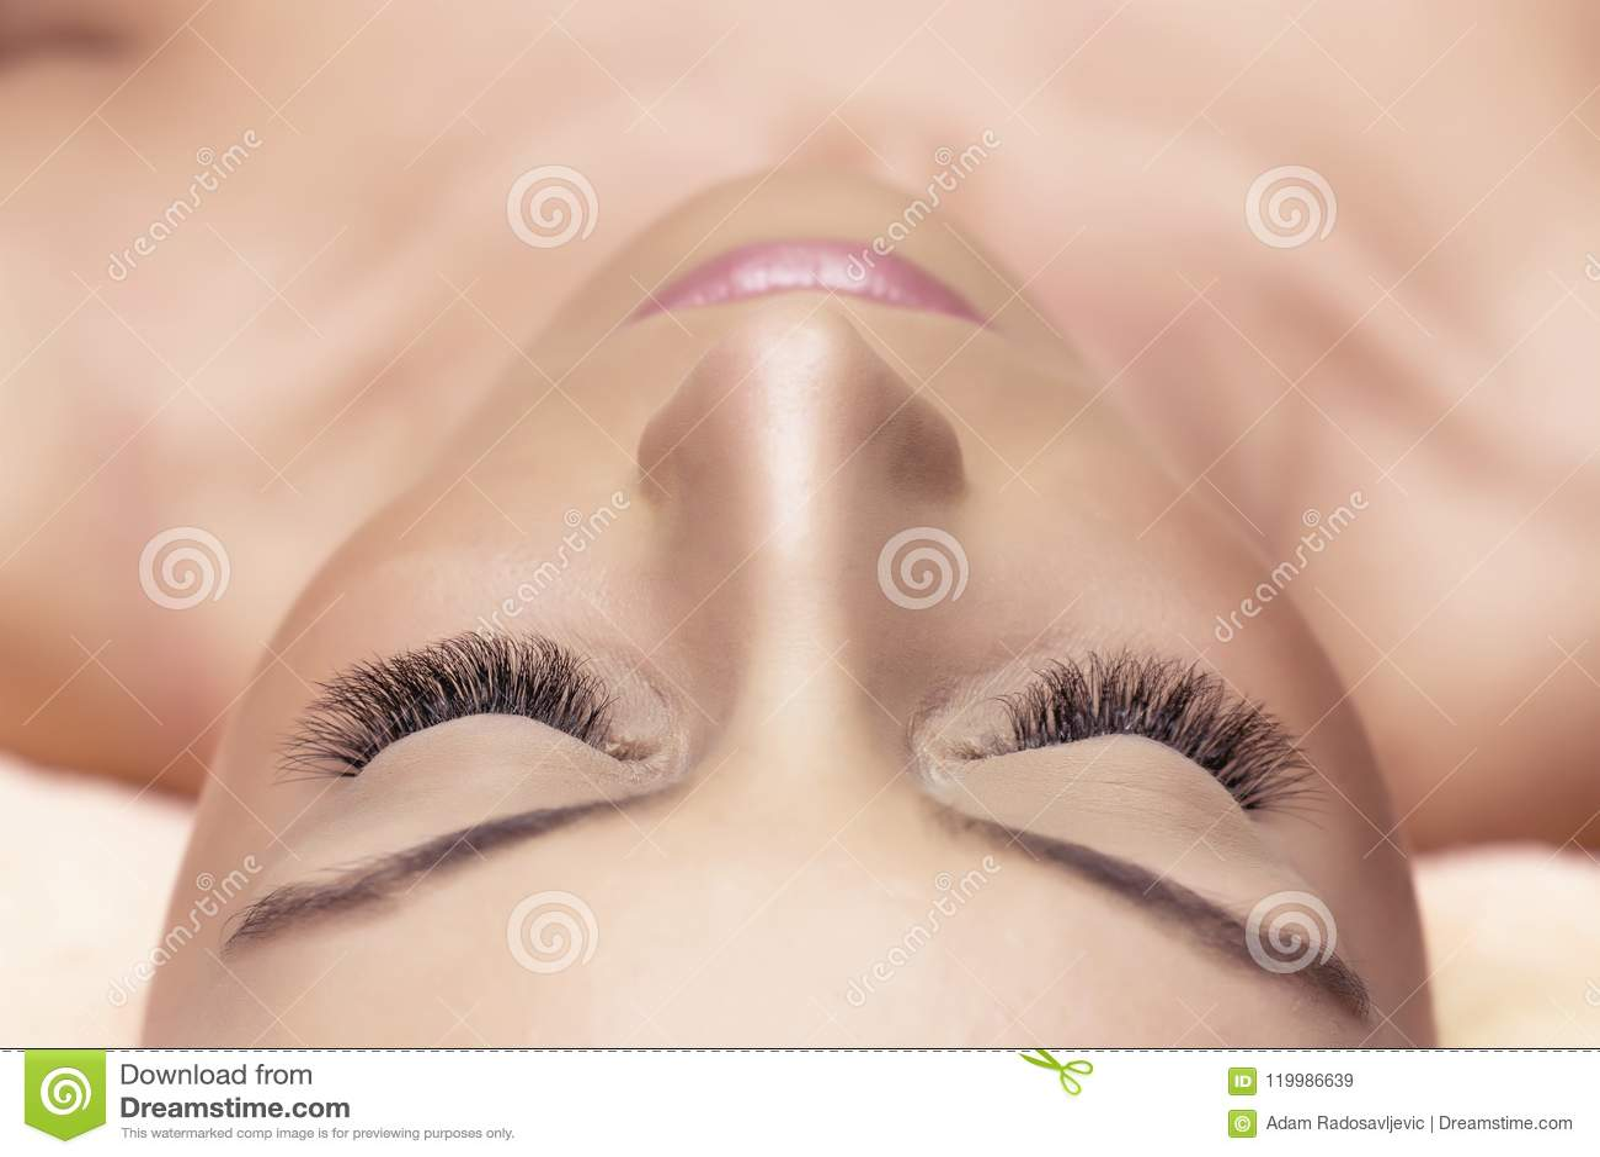 Woman Eyes With Long Eyelashes Eyelash Extension Lashes Stock